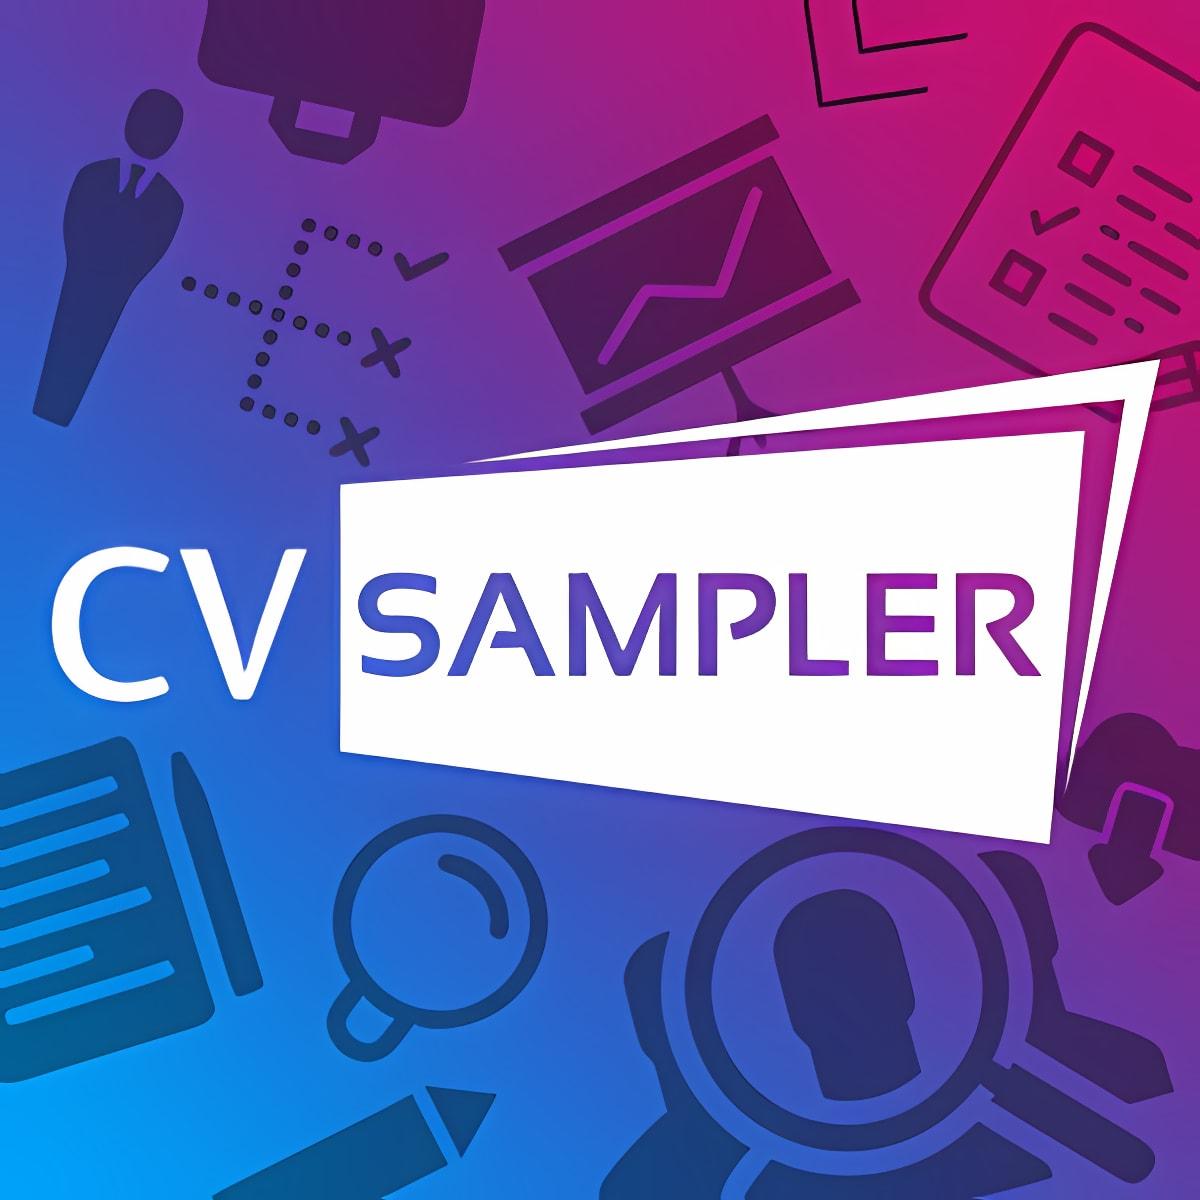 CV Sampler